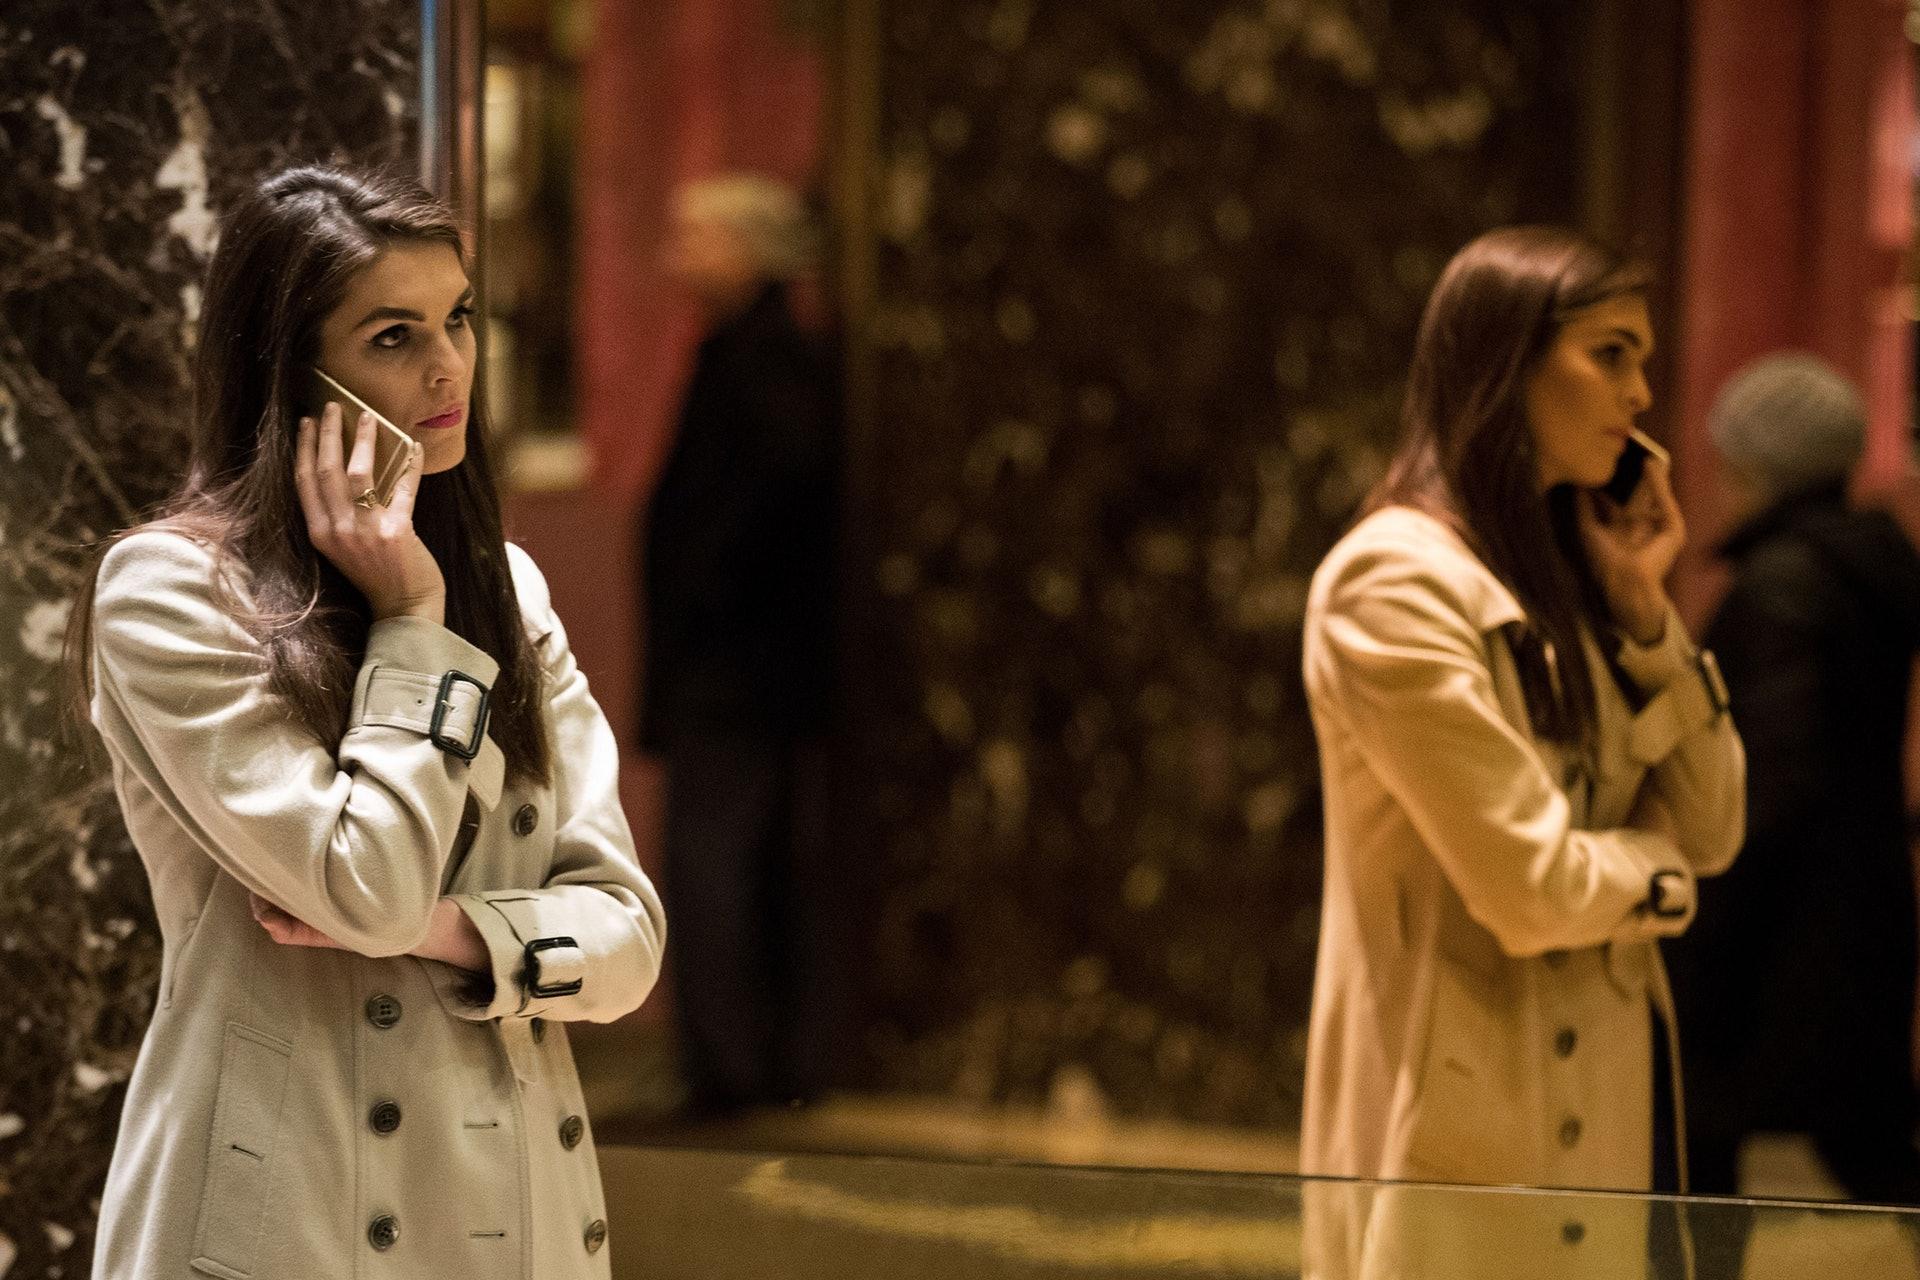 希克斯:希克斯與特朗普家族的緣份始於2012年,當時她就職於公關公司Hiltzik Strategies,處理與特朗普的女兒伊萬卡(Ivanka Trump)旗下時尚品牌相關的工作。2014年,希克斯成為特朗普集團(The Trump Organization)的員工。(Getty)